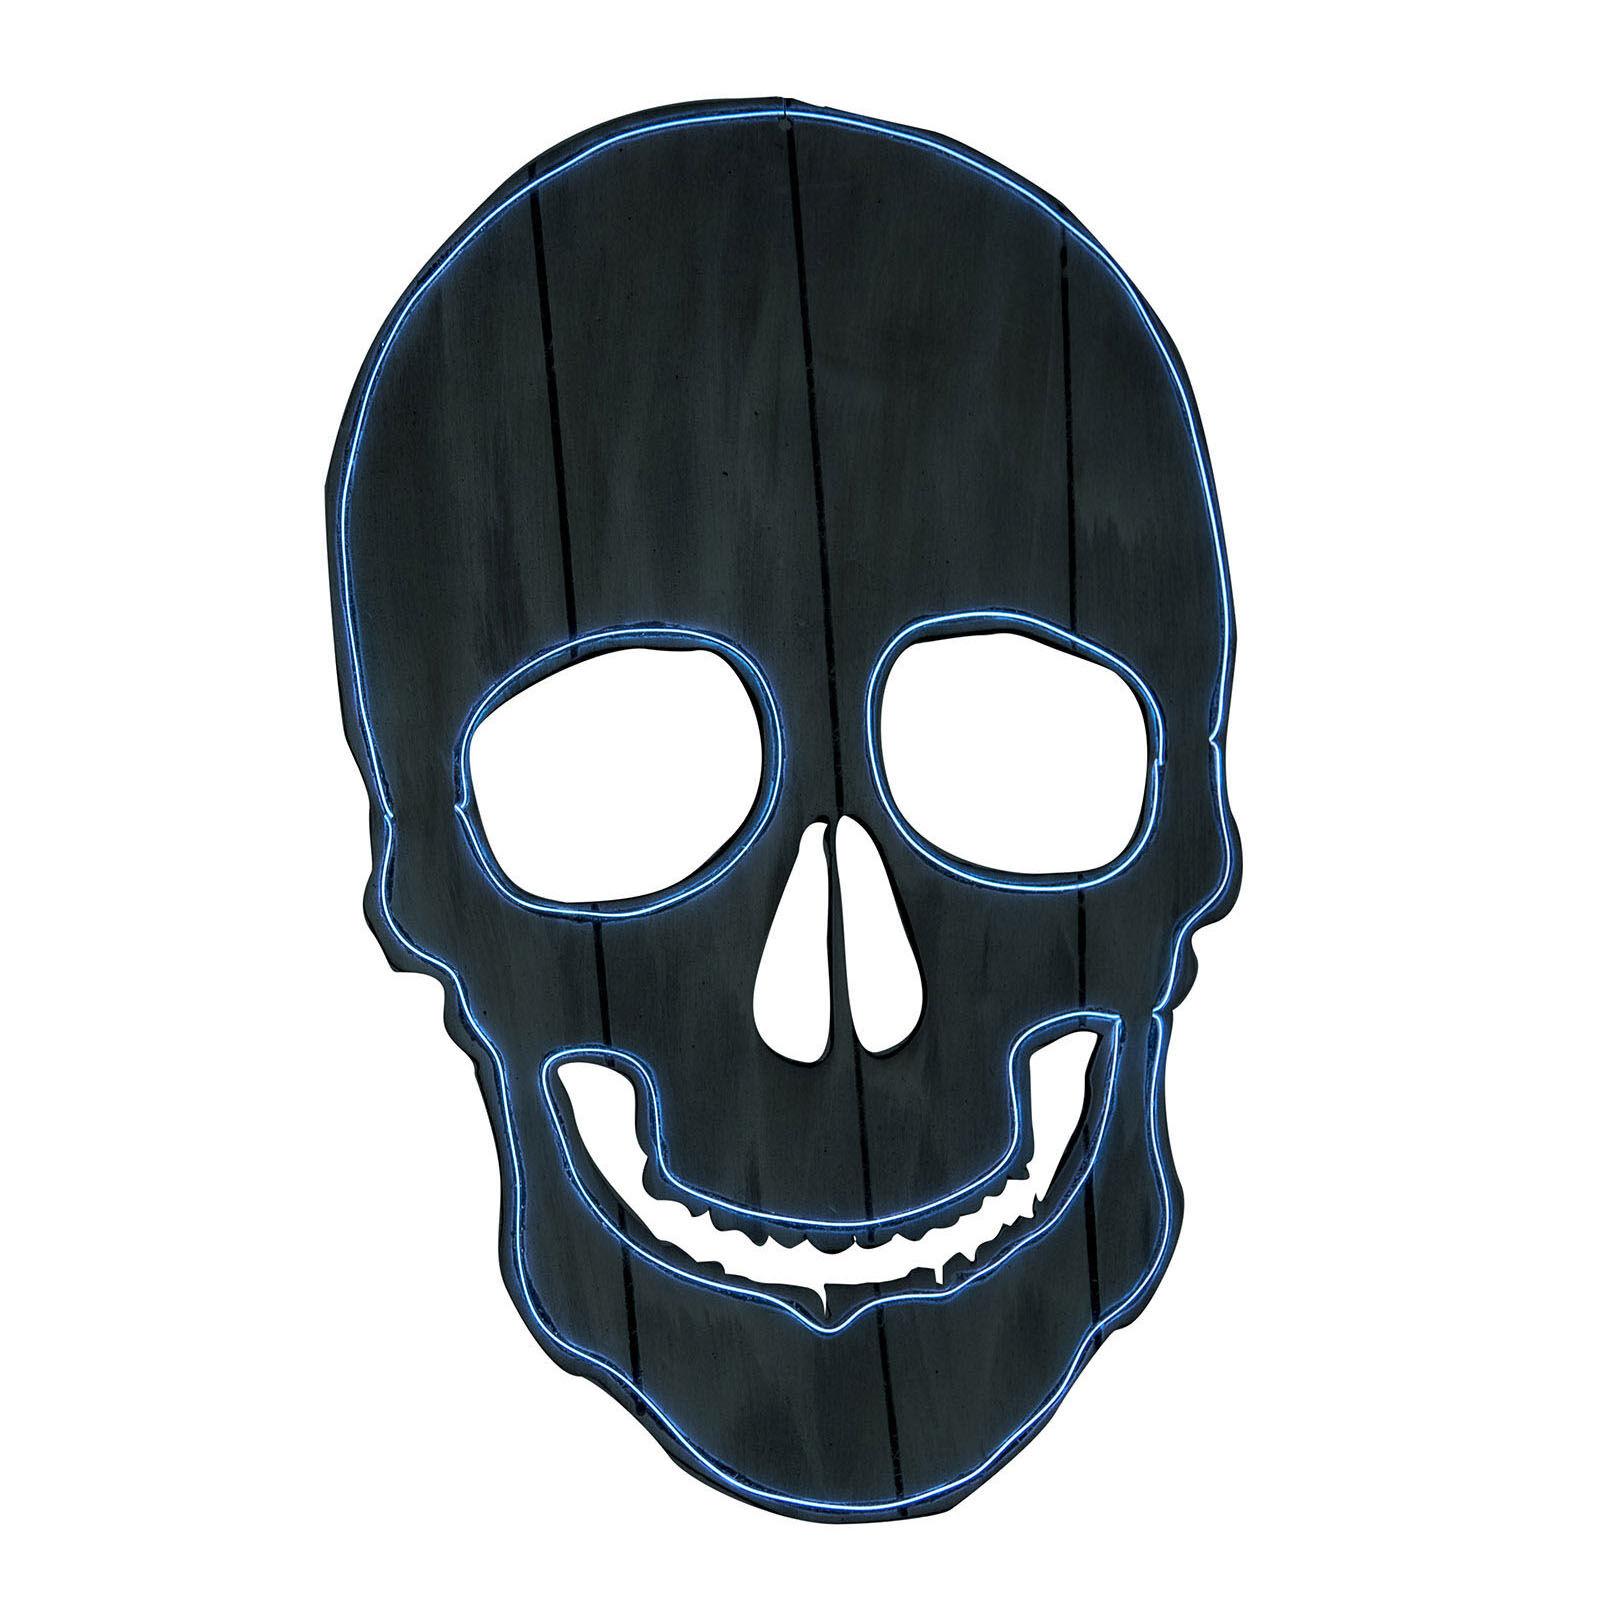 LOLA home Calavera de pared de Halloween negra goma eva de 52x34 cm